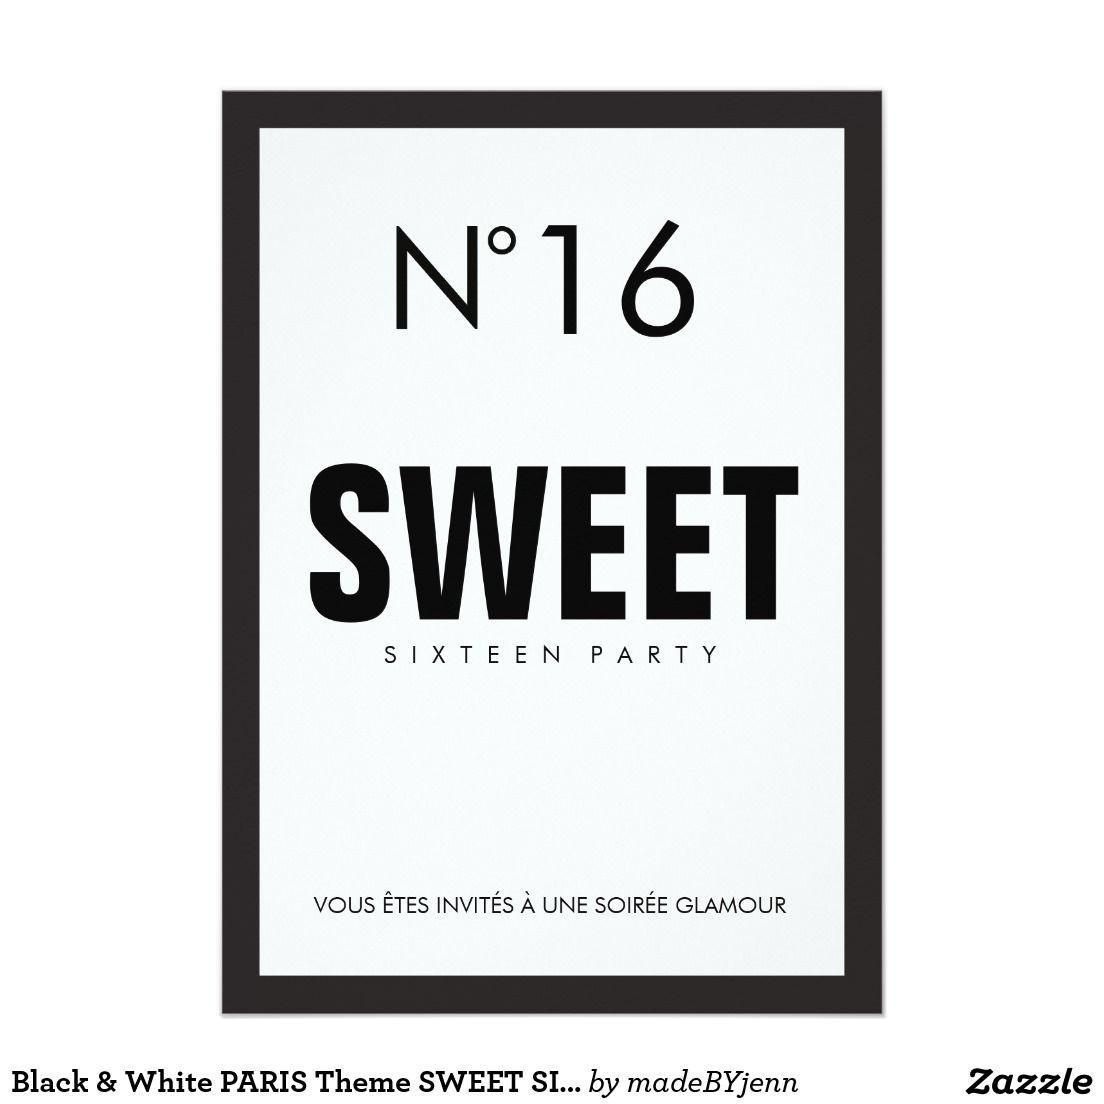 CHANEL PARTY IDEAS Black & White PARIS Theme SWEET SIXTEEN 16 ...